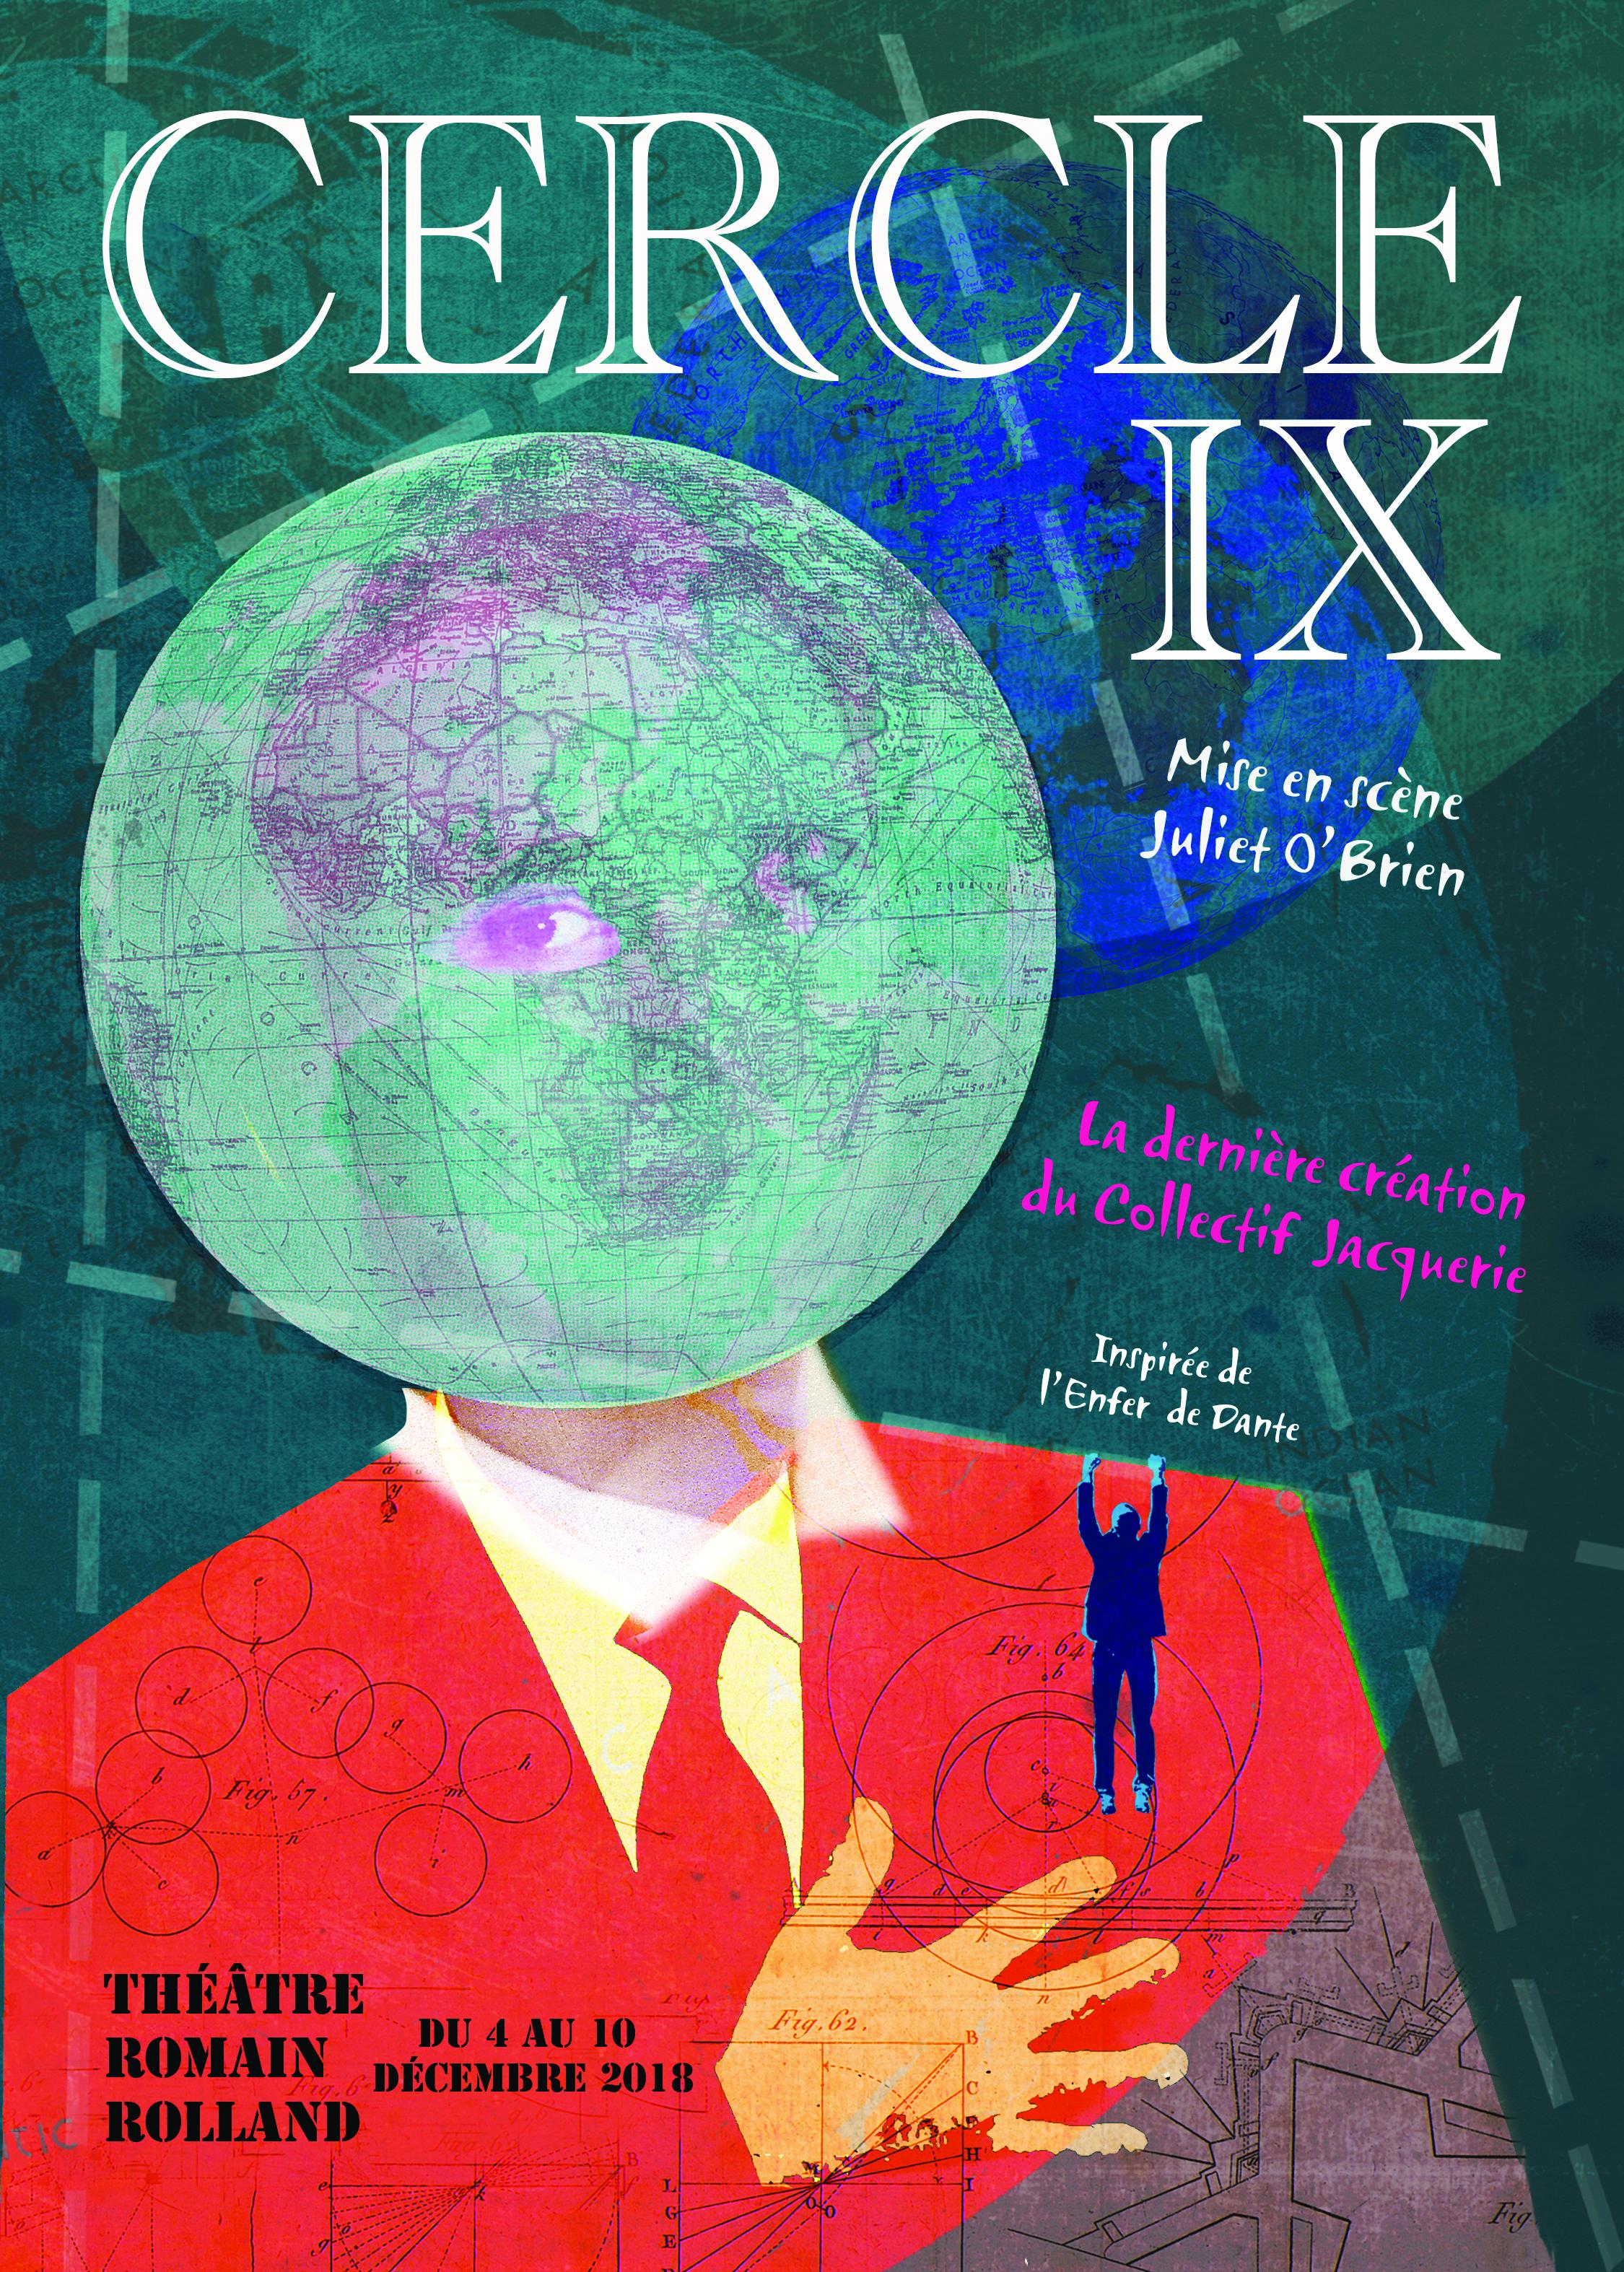 CERCLE IX – la dernière création du collectif Jacquerie